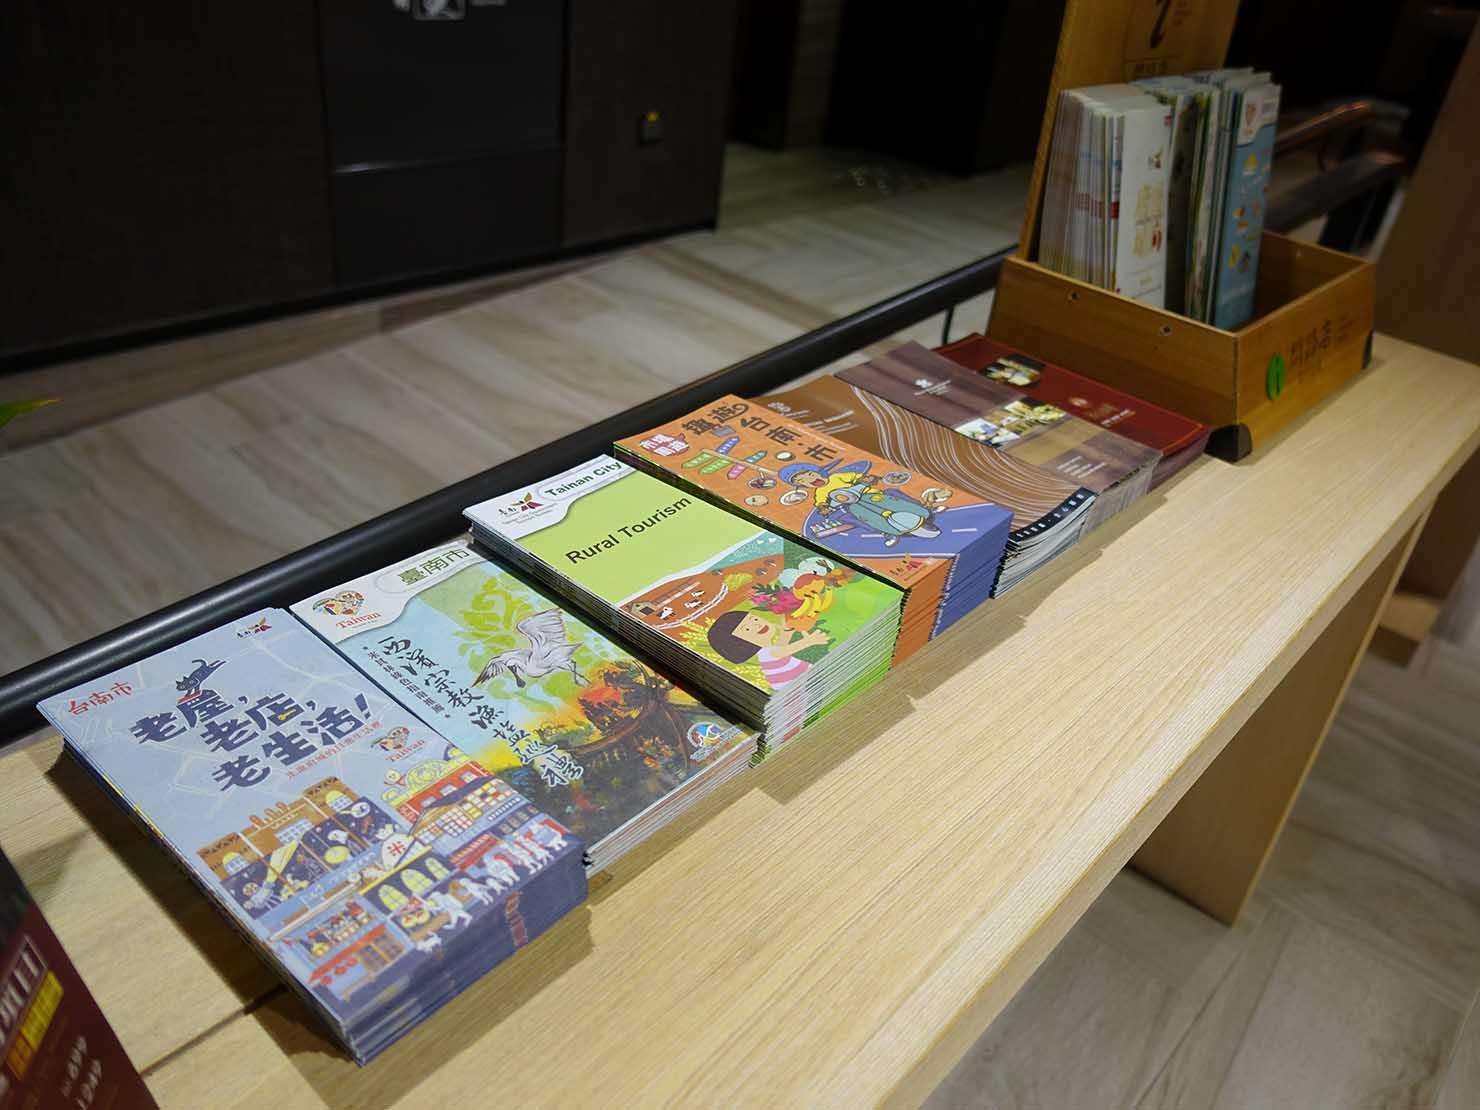 台南市内観光におすすめのホテル「長悅旅棧」ロビーに置かれた観光案内